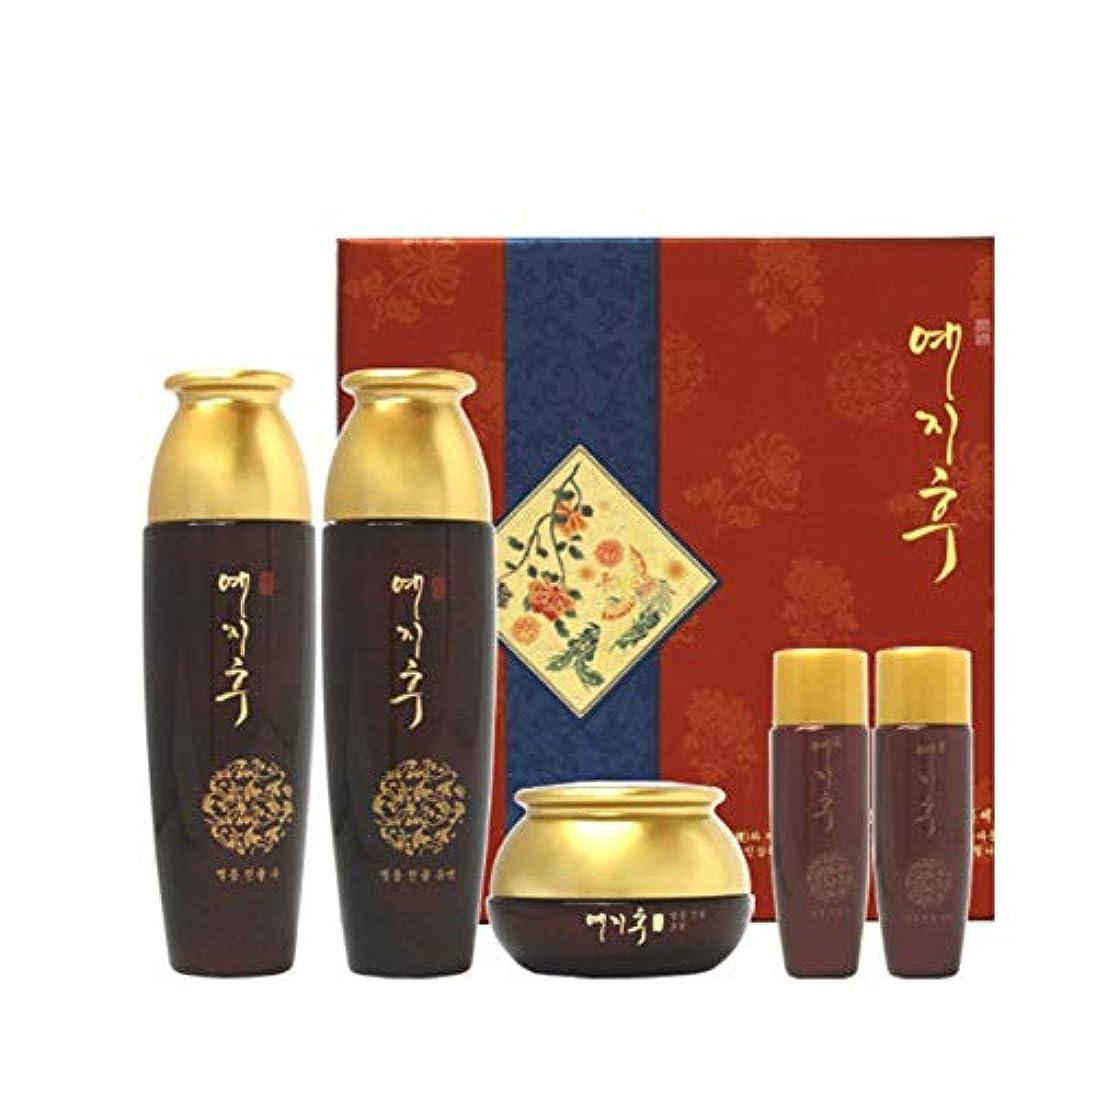 自分のためにアルプスパウダーイェジフブランドジャムヤング女性3種セットジンユル水180ml(150+30)ジンユル乳液180ml(150+30)ジンユルクリーム50g、Yezihu 3 Sets of Women's Luxury Cosmetics...